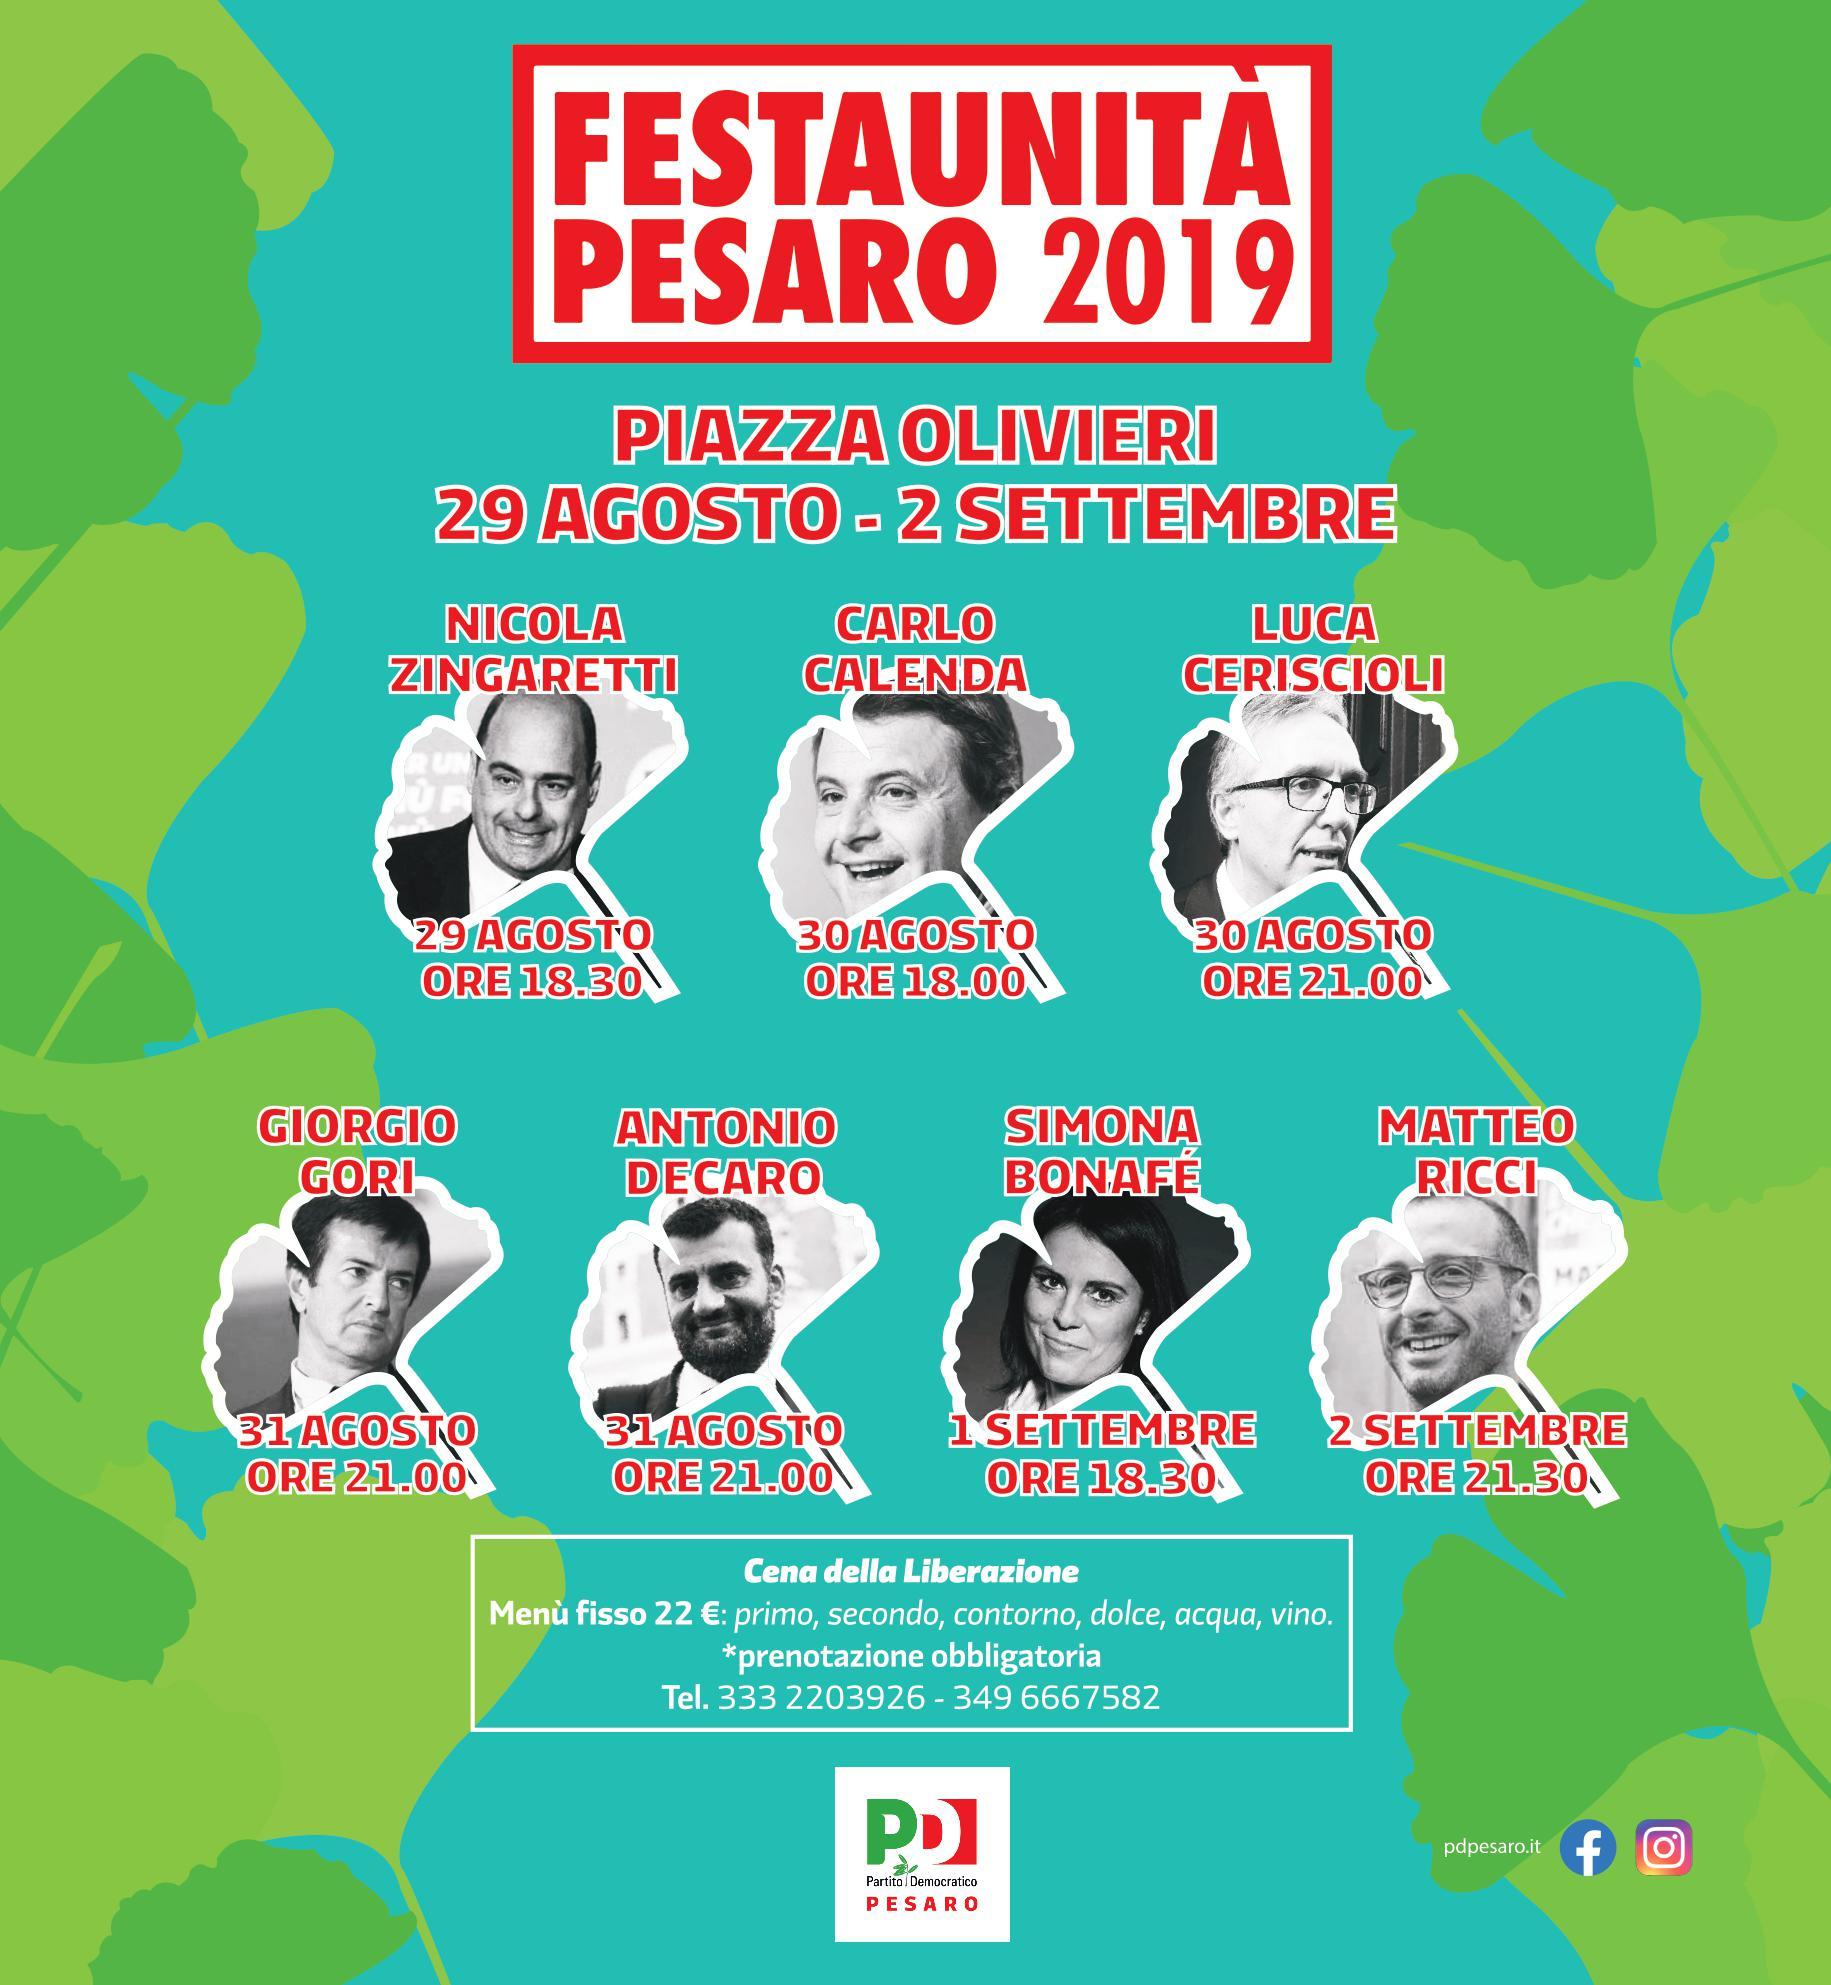 Presentato il programma della Festa